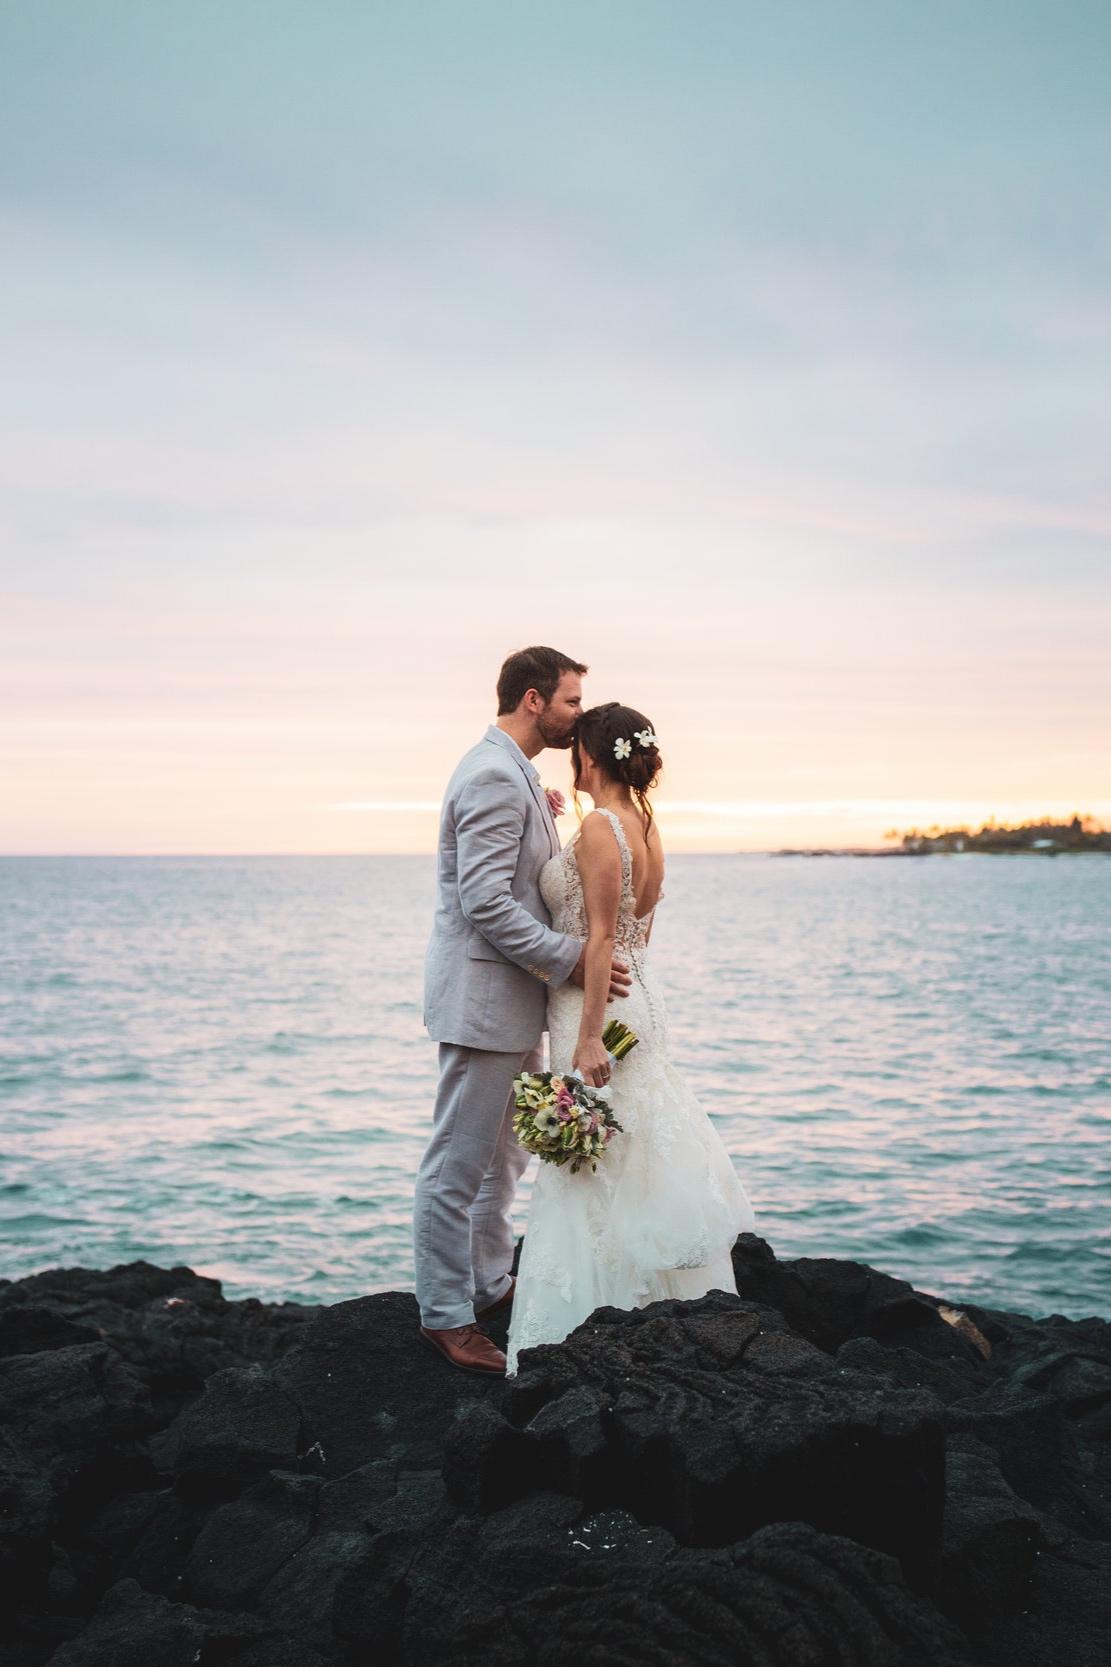 big island hawaii royal kona resort wedding kelilina photography 20190309183922-1.jpg